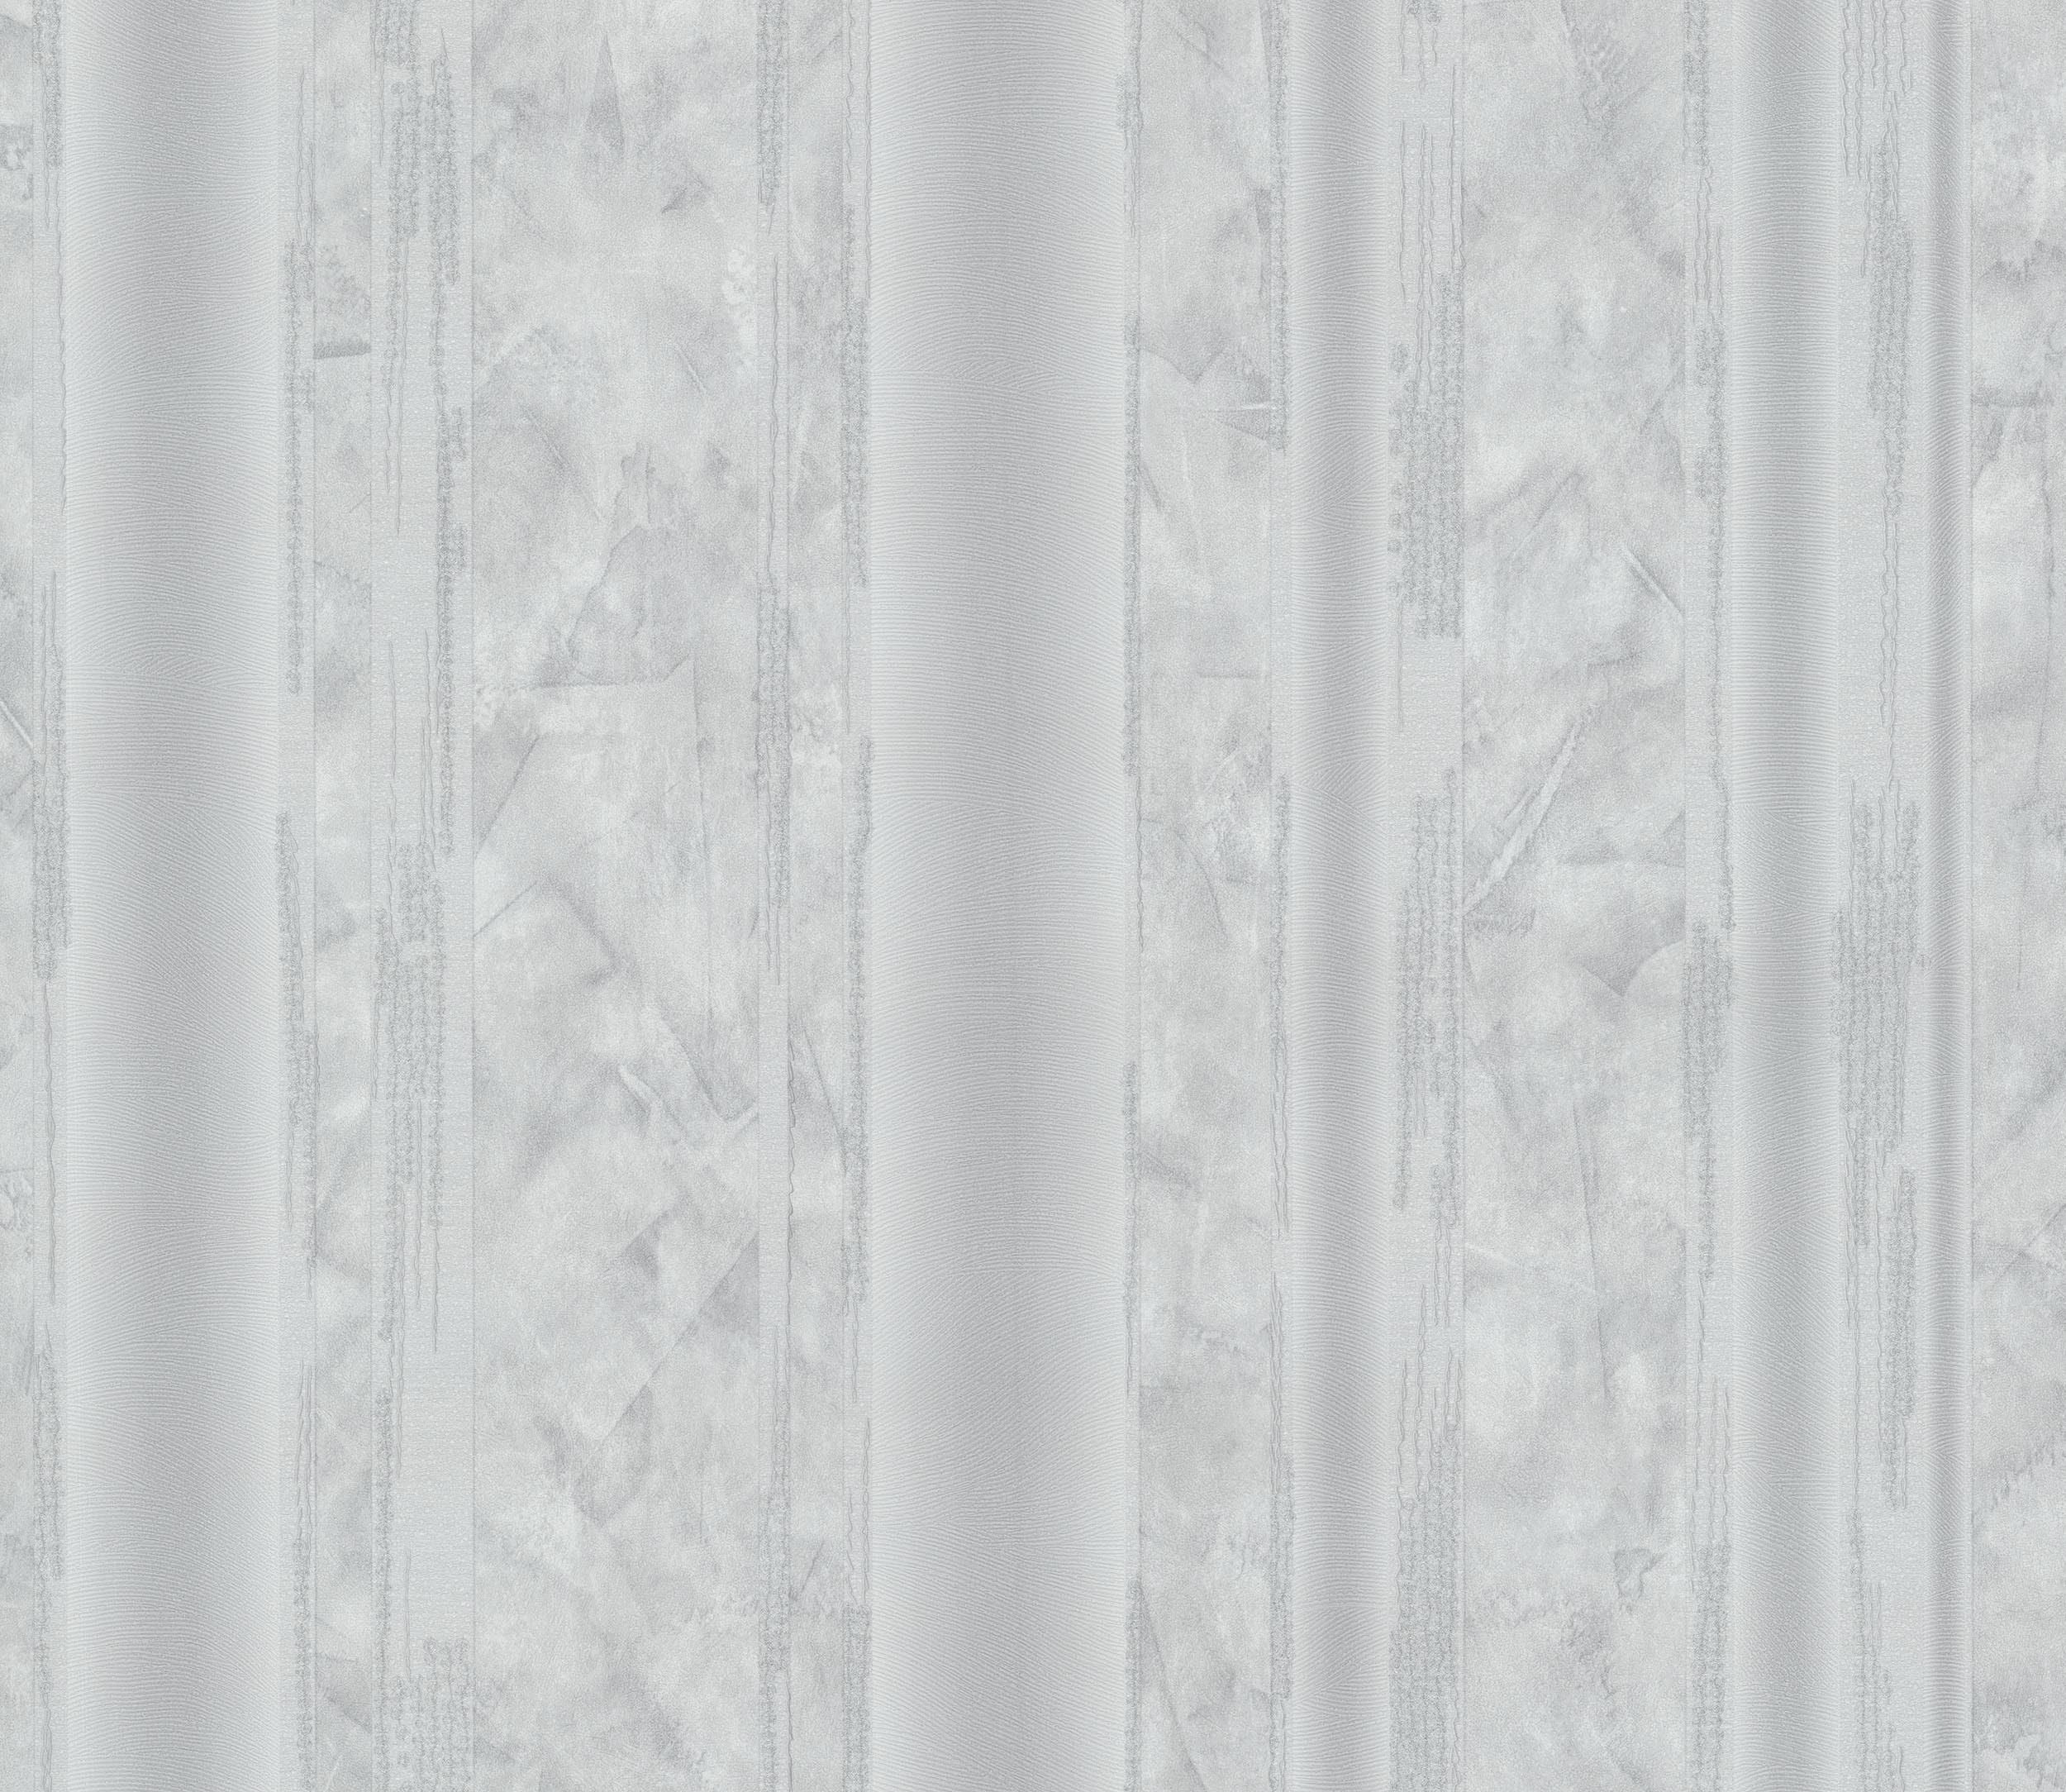 Tapete Streifen Details Zu Edem 097 25 Tapete Designer